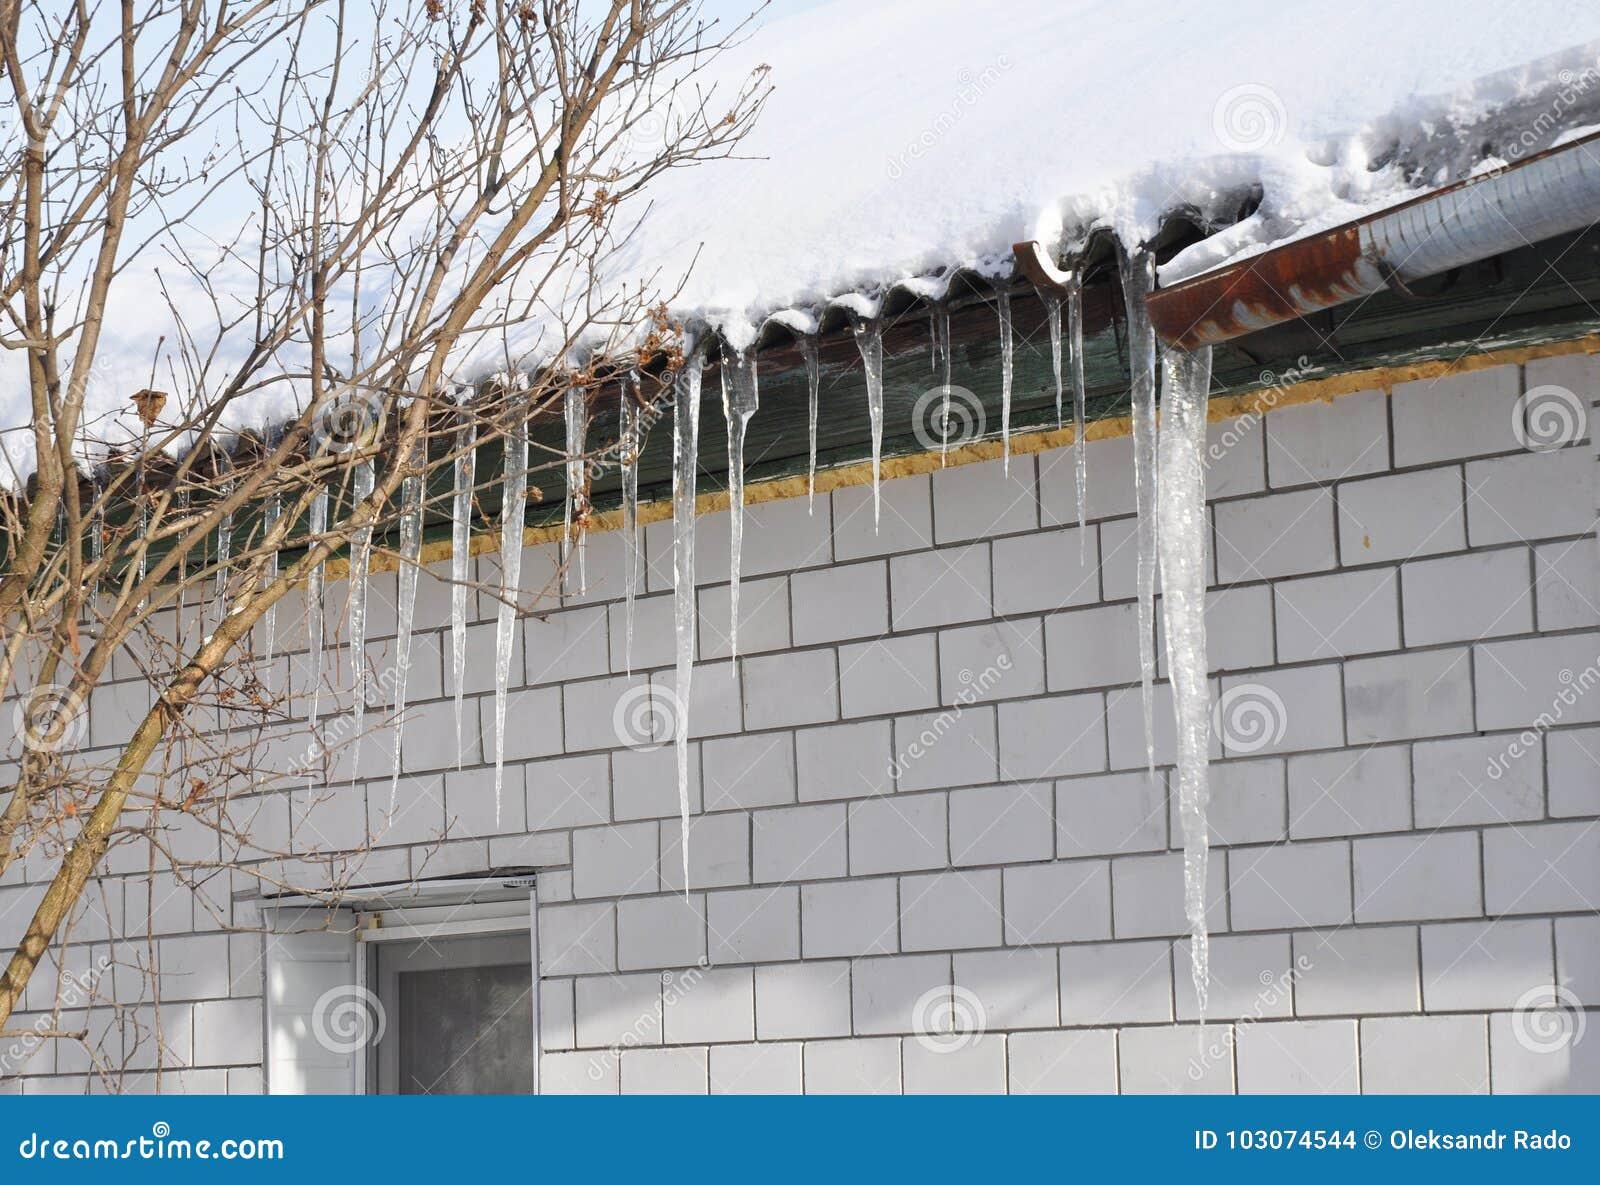 冰柱损伤屋顶和天沟 冰抑制